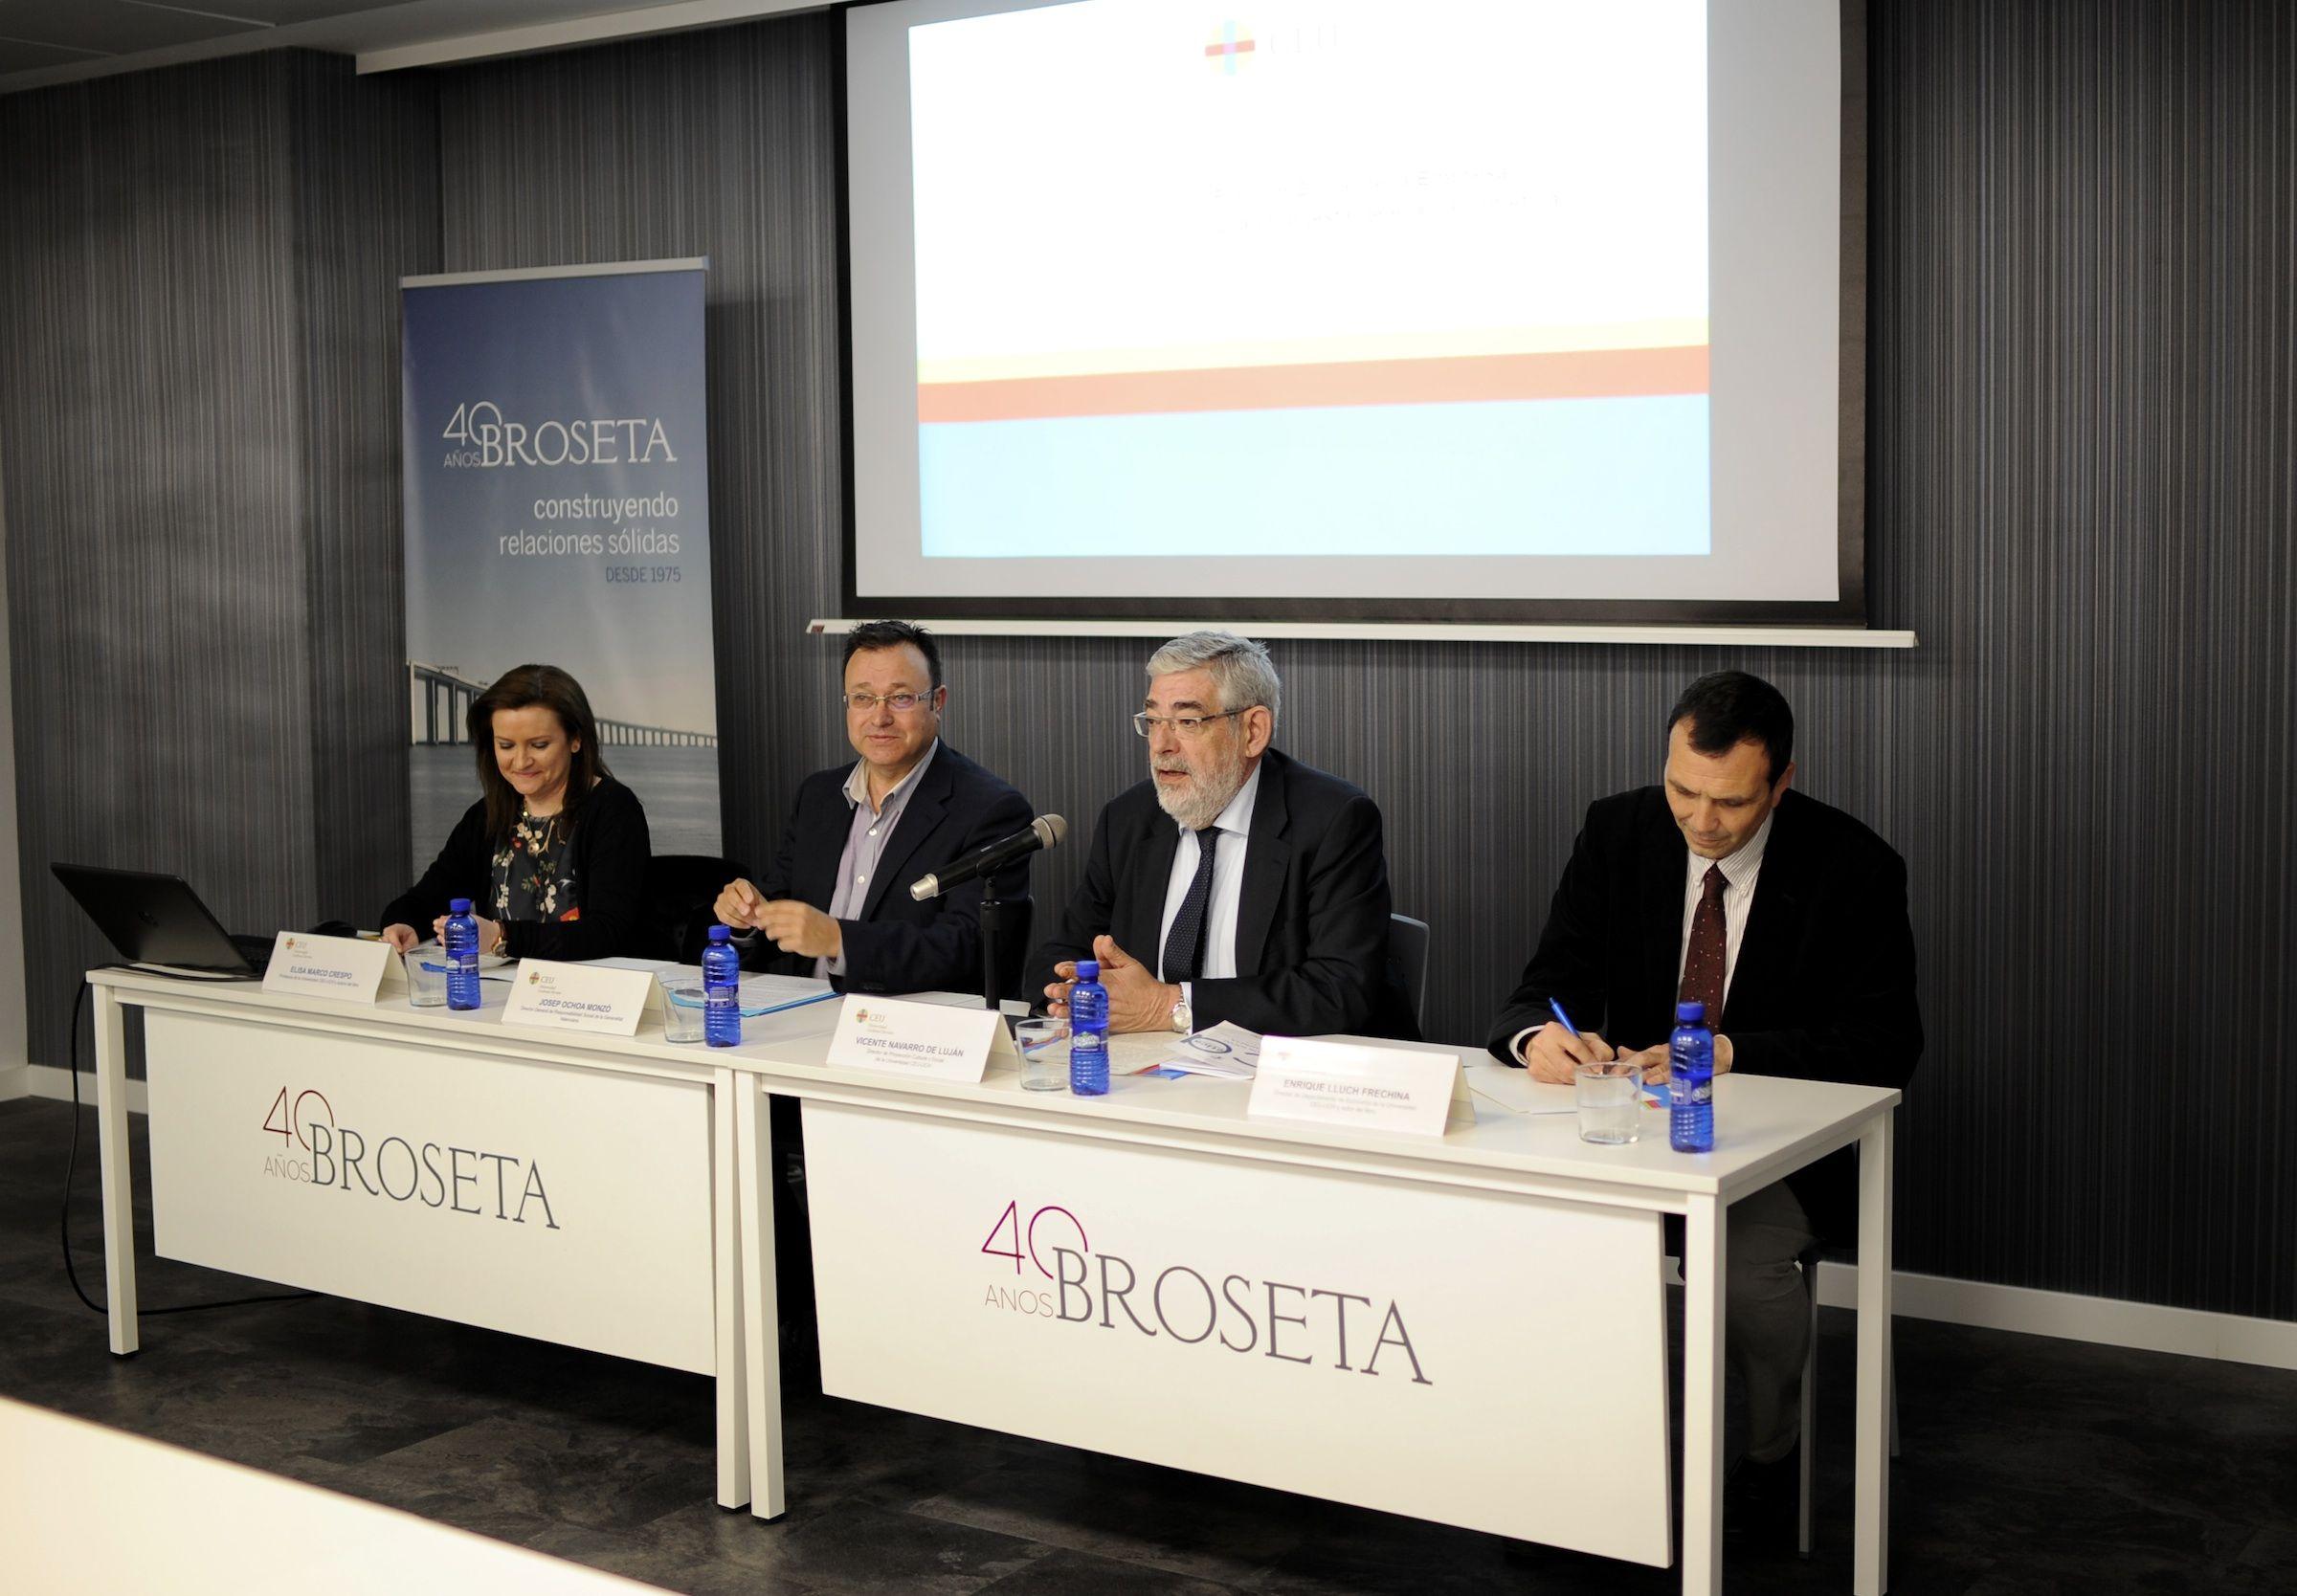 """Elisa Marco, Josep Ochoa, Vicente Navarro de Luján y Enrique Lluch, en la presentación del libro """"La función social de la empresa""""."""